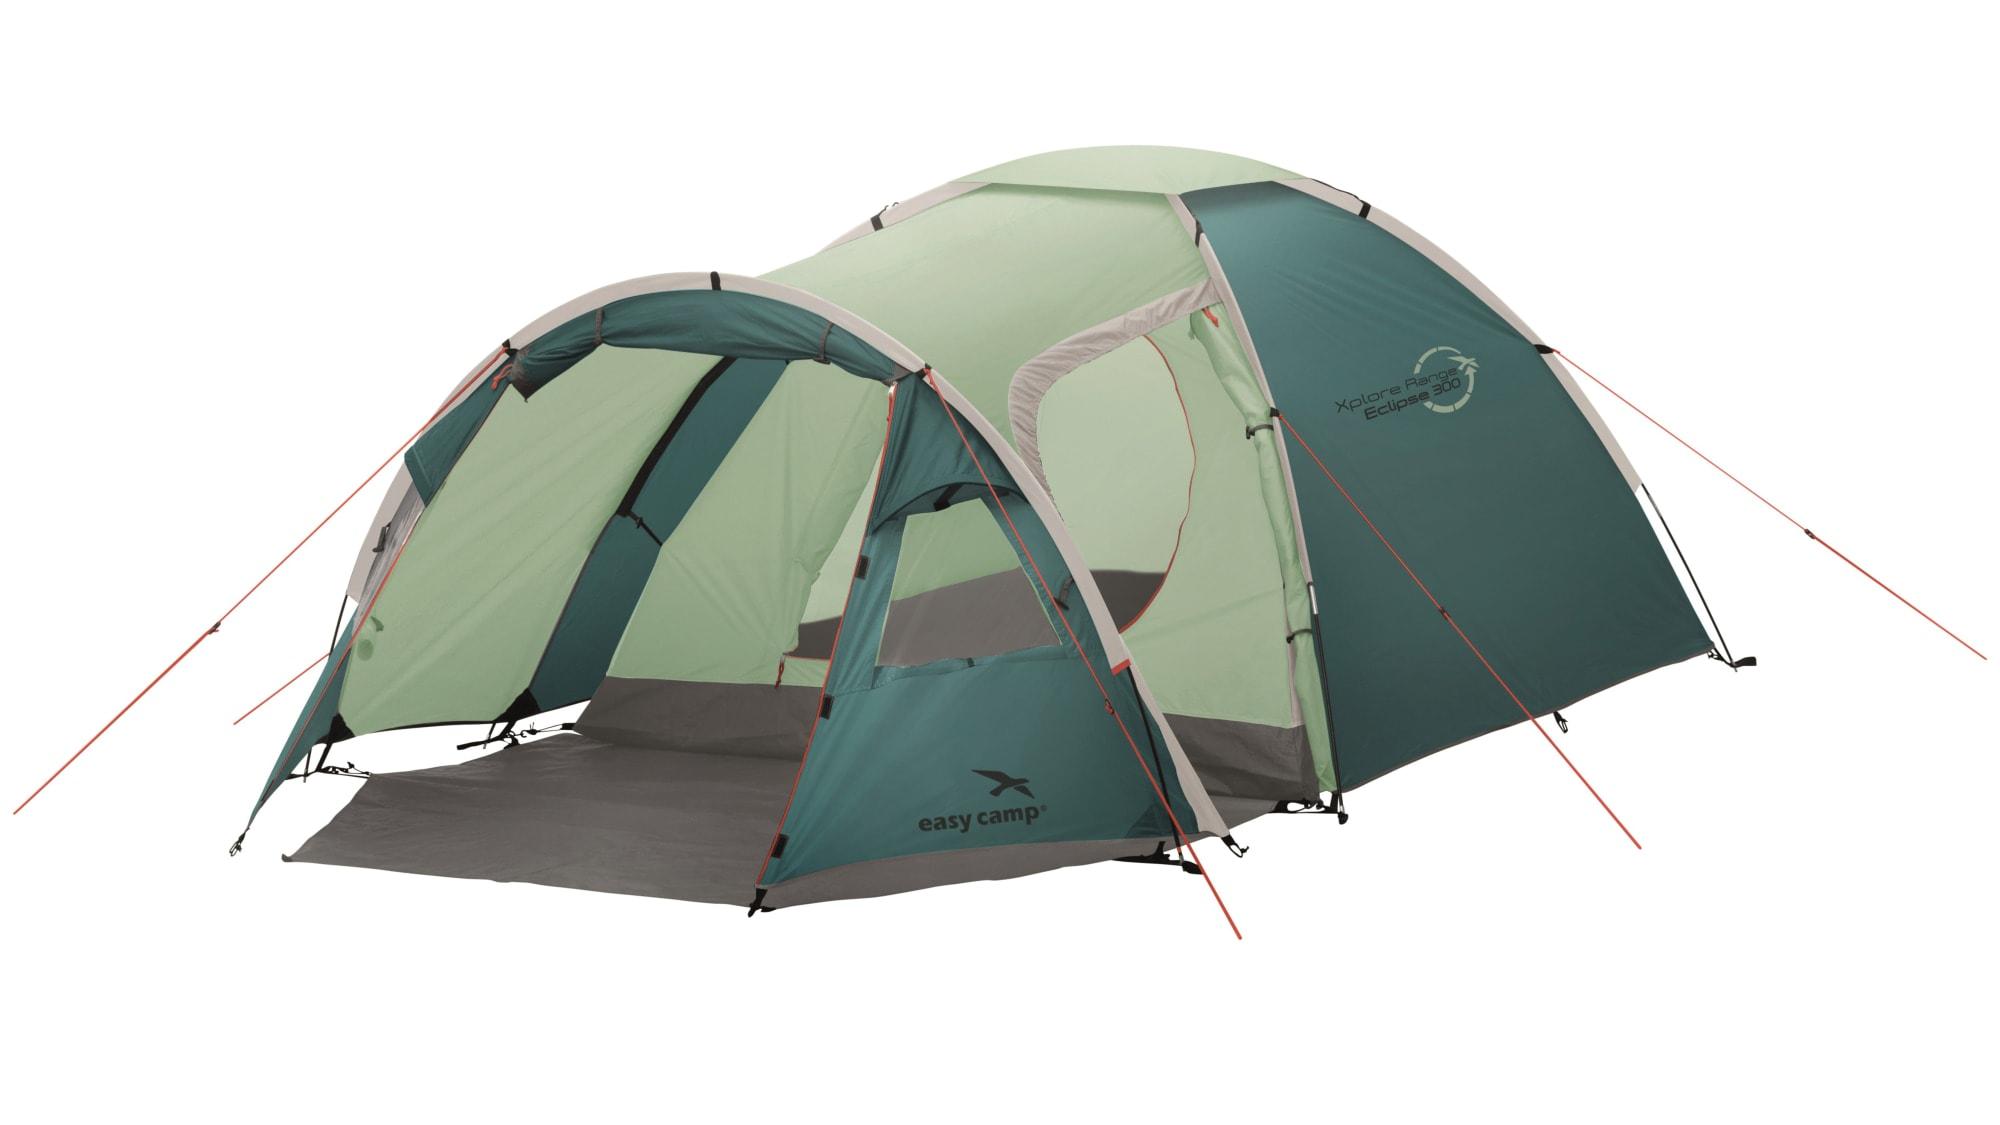 Camping Teltta